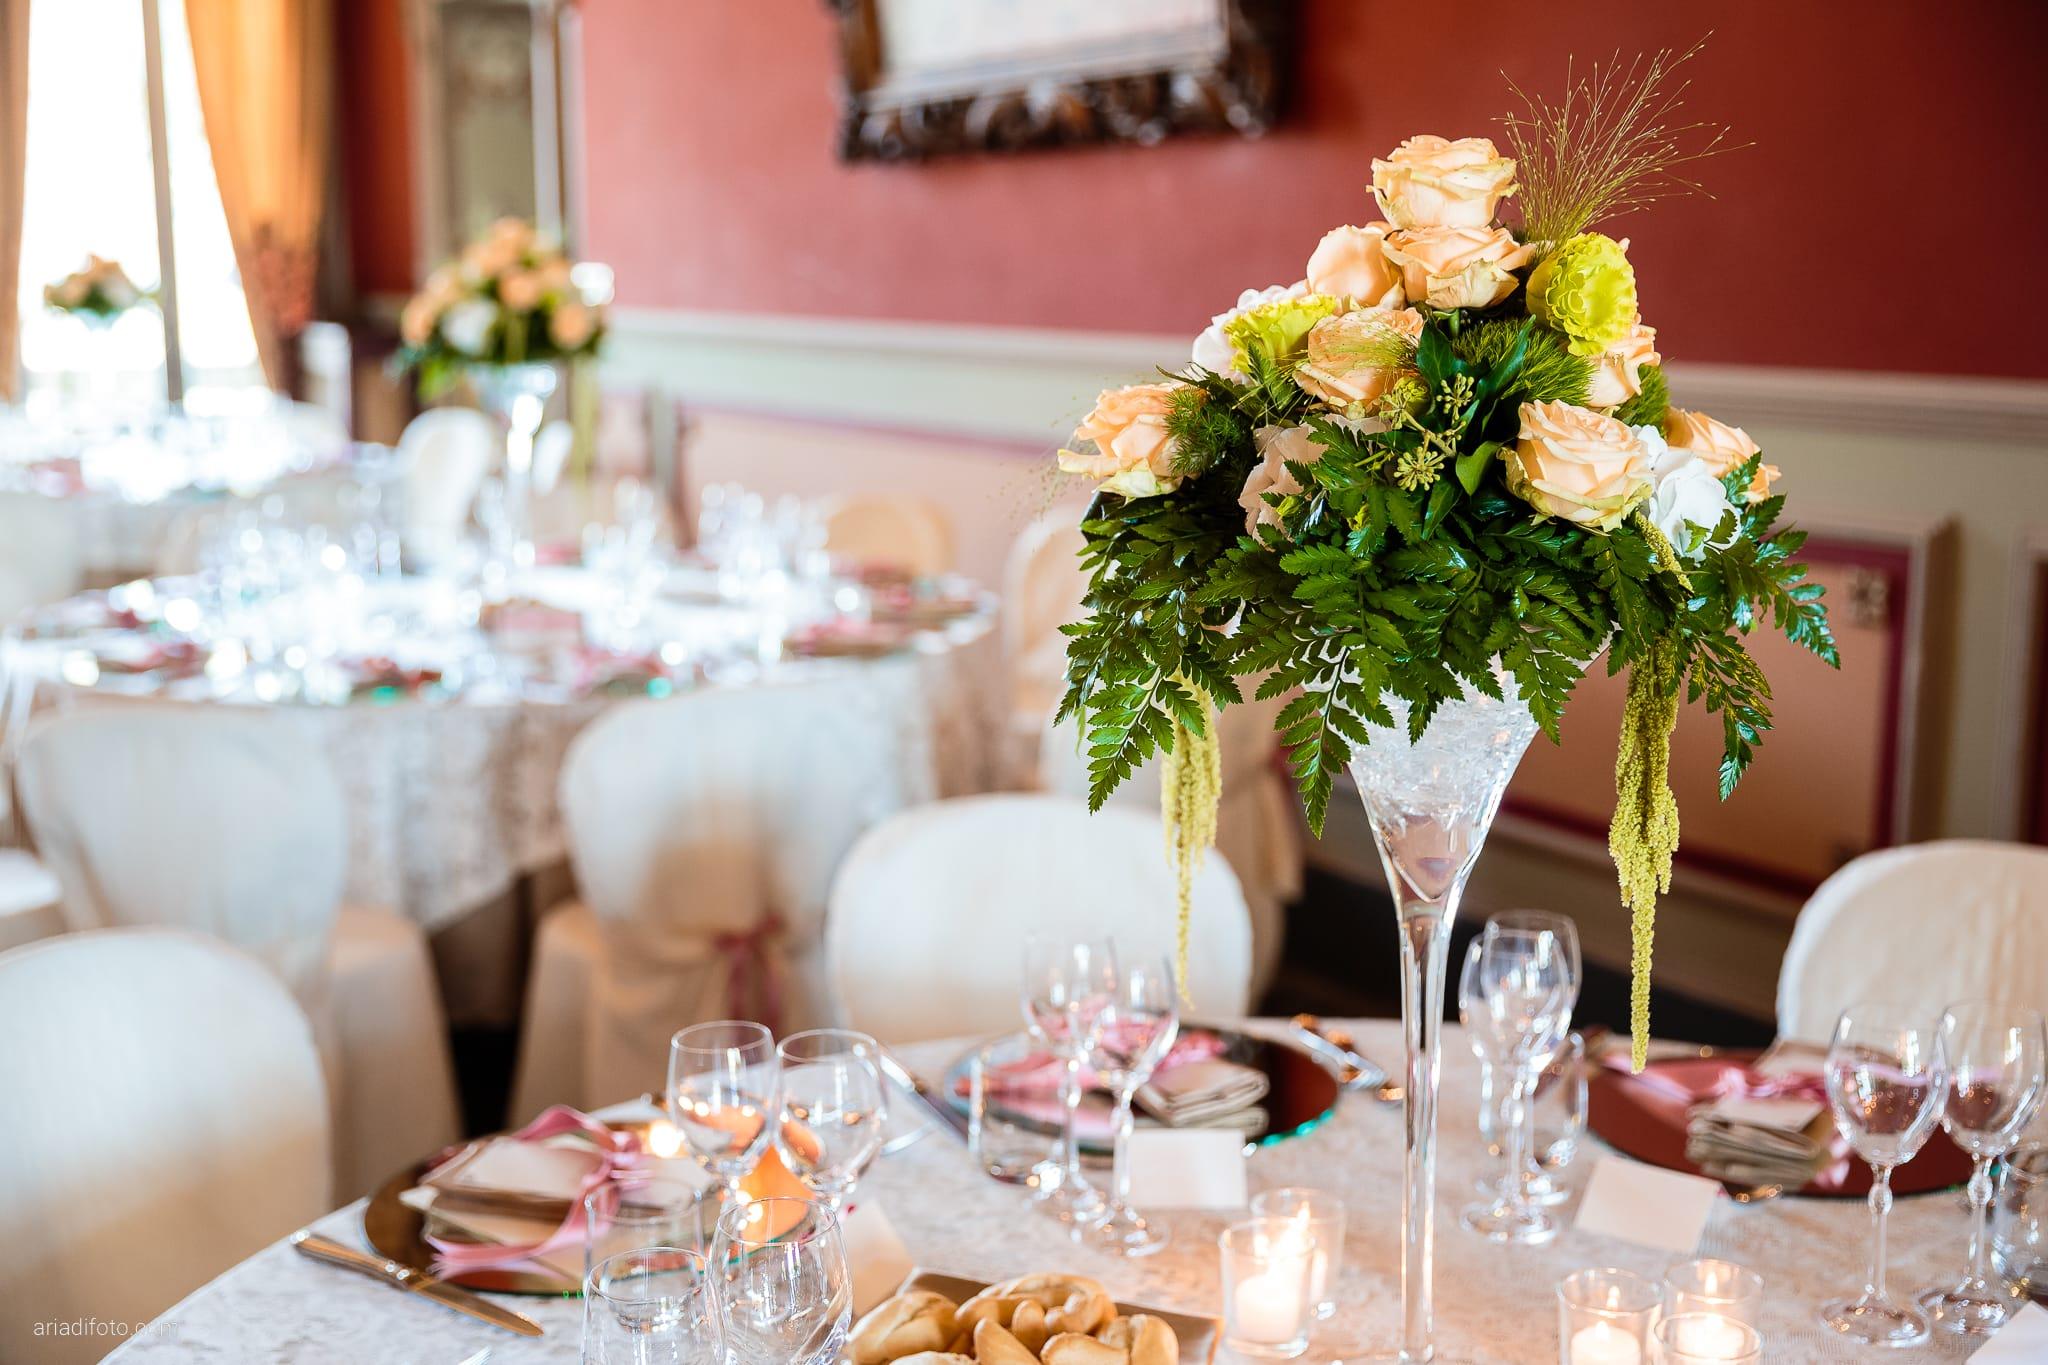 Eleonora Andrea Matrimonio Castello Papadopoli Giol San Polo Piave Treviso ricevimento dettagli sala decorazioni allestimenti centrotavola fiori rose